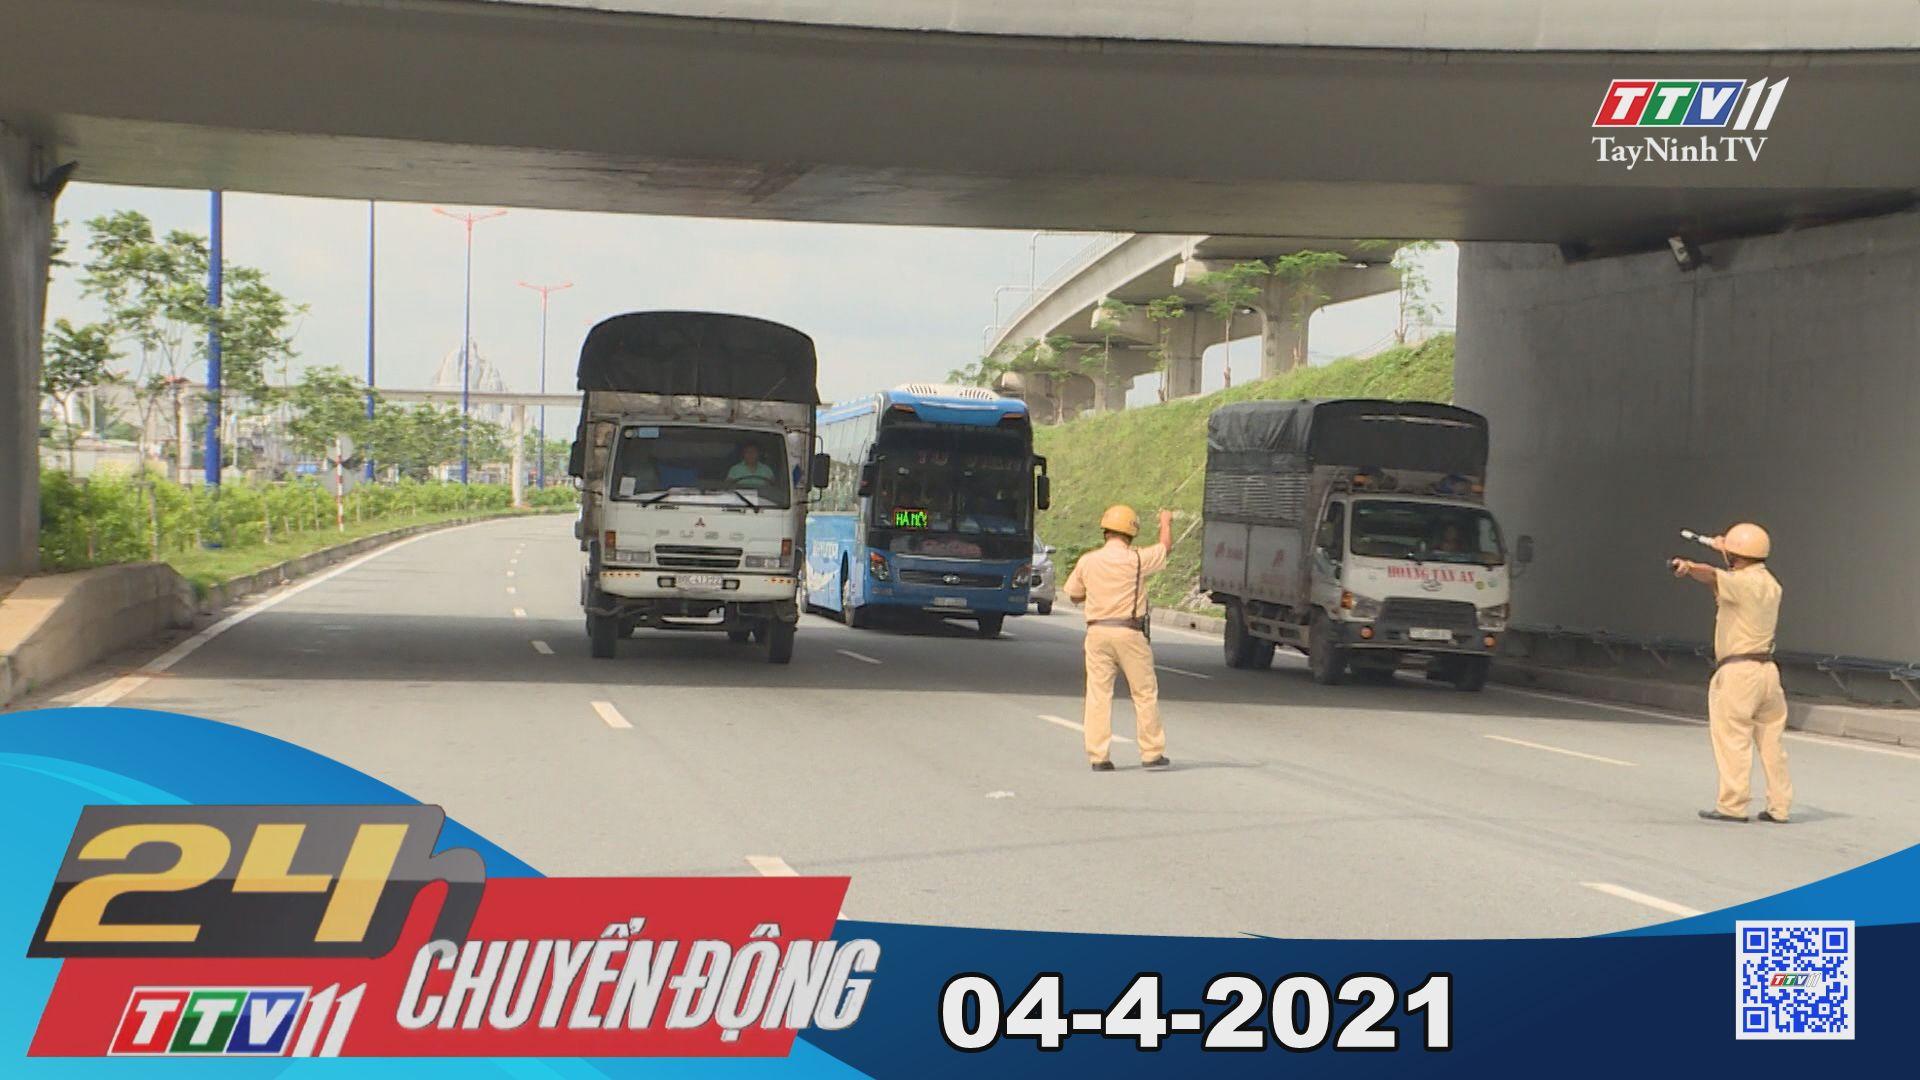 24h Chuyển động 04-4-2021 | Tin tức hôm nay | TayNinhTV